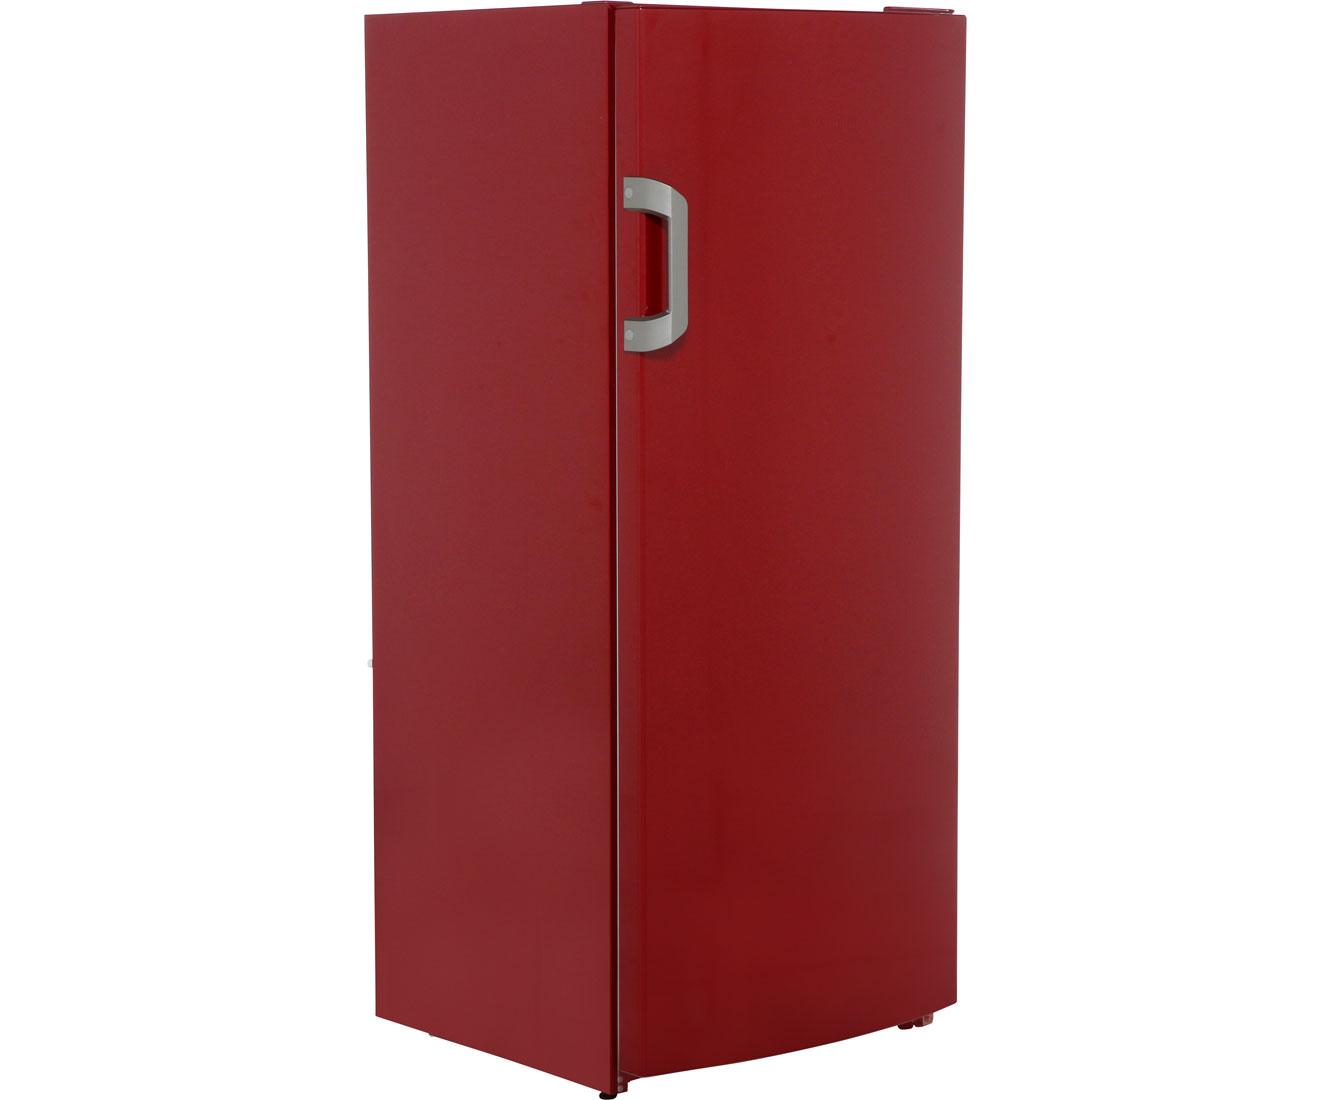 Gorenje Kühlschrank Dekorfähig : Rabatt preisvergleich weiße ware u e kühlen gefrieren u e kühlschrank